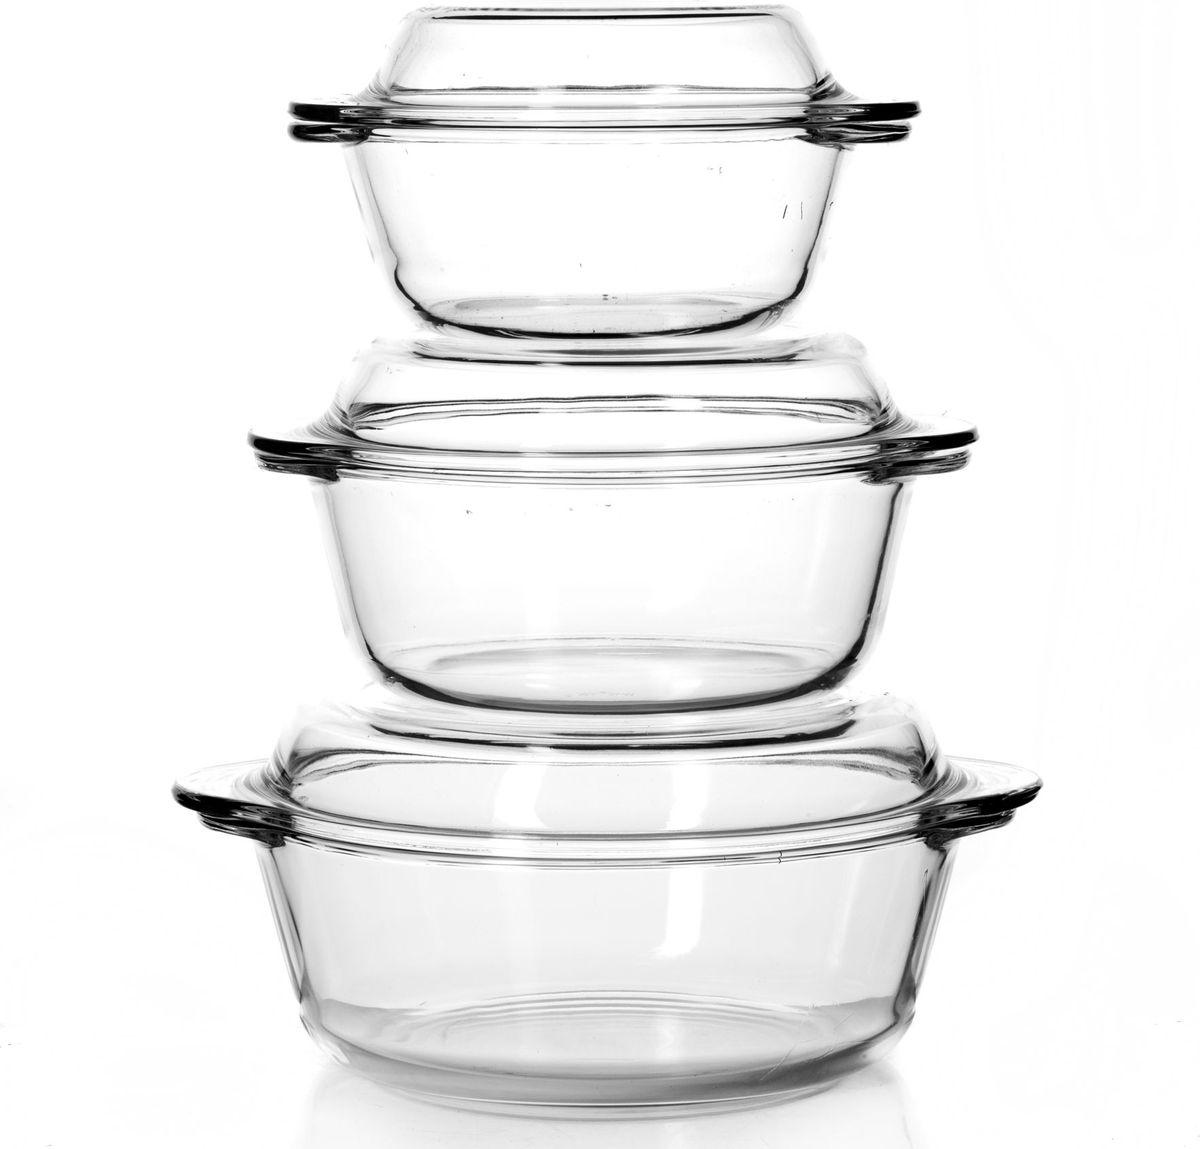 """Набор посуды для СВЧ """"Pasabahce"""" выполнен из жаропрочного стекла и состоит из трех кастрюль с крышками разного размера.  Изделия прекрасно подойдут для выпекания десертов - кексов, пирогов, тортов. Стекло - самый безопасный для здоровья материал. Посуда из стекла не вступает в реакцию с готовящейся пищей, а потому не выделяет никаких вредных веществ, не подвергается воздействию кислот и солей. Из-за невысокой теплопроводности пища в ней гораздо медленнее остывает.  Стеклянная посуда очень удобна для приготовления и подачи самых разнообразных блюд: супов, вторых блюд, десертов. Благодаря прозрачности стекла, за едой можно наблюдать при ее готовке, еду можно видеть при подаче, хранении. Используя такую посуду, вы можете как приготовить пищу, так и изящно подать ее к столу, не меняя посуды. Благодаря гладкой идеально ровной поверхности посуда легко моется.   Можно использовать в духовках, микроволновых печах и морозильных камерах (выдерживает температуру от - 30° C до 300°C). Можно мыть в посудомоечной машине."""